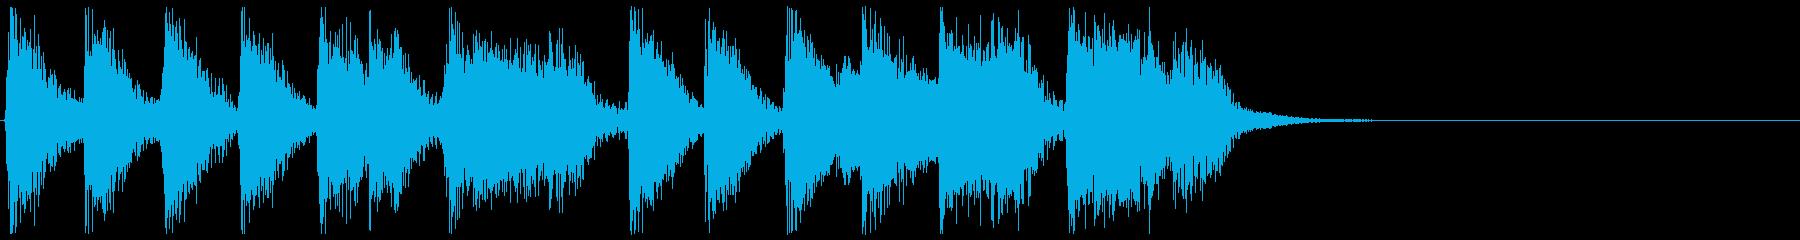 陽気で激しい ビッグバンドジャズジングルの再生済みの波形